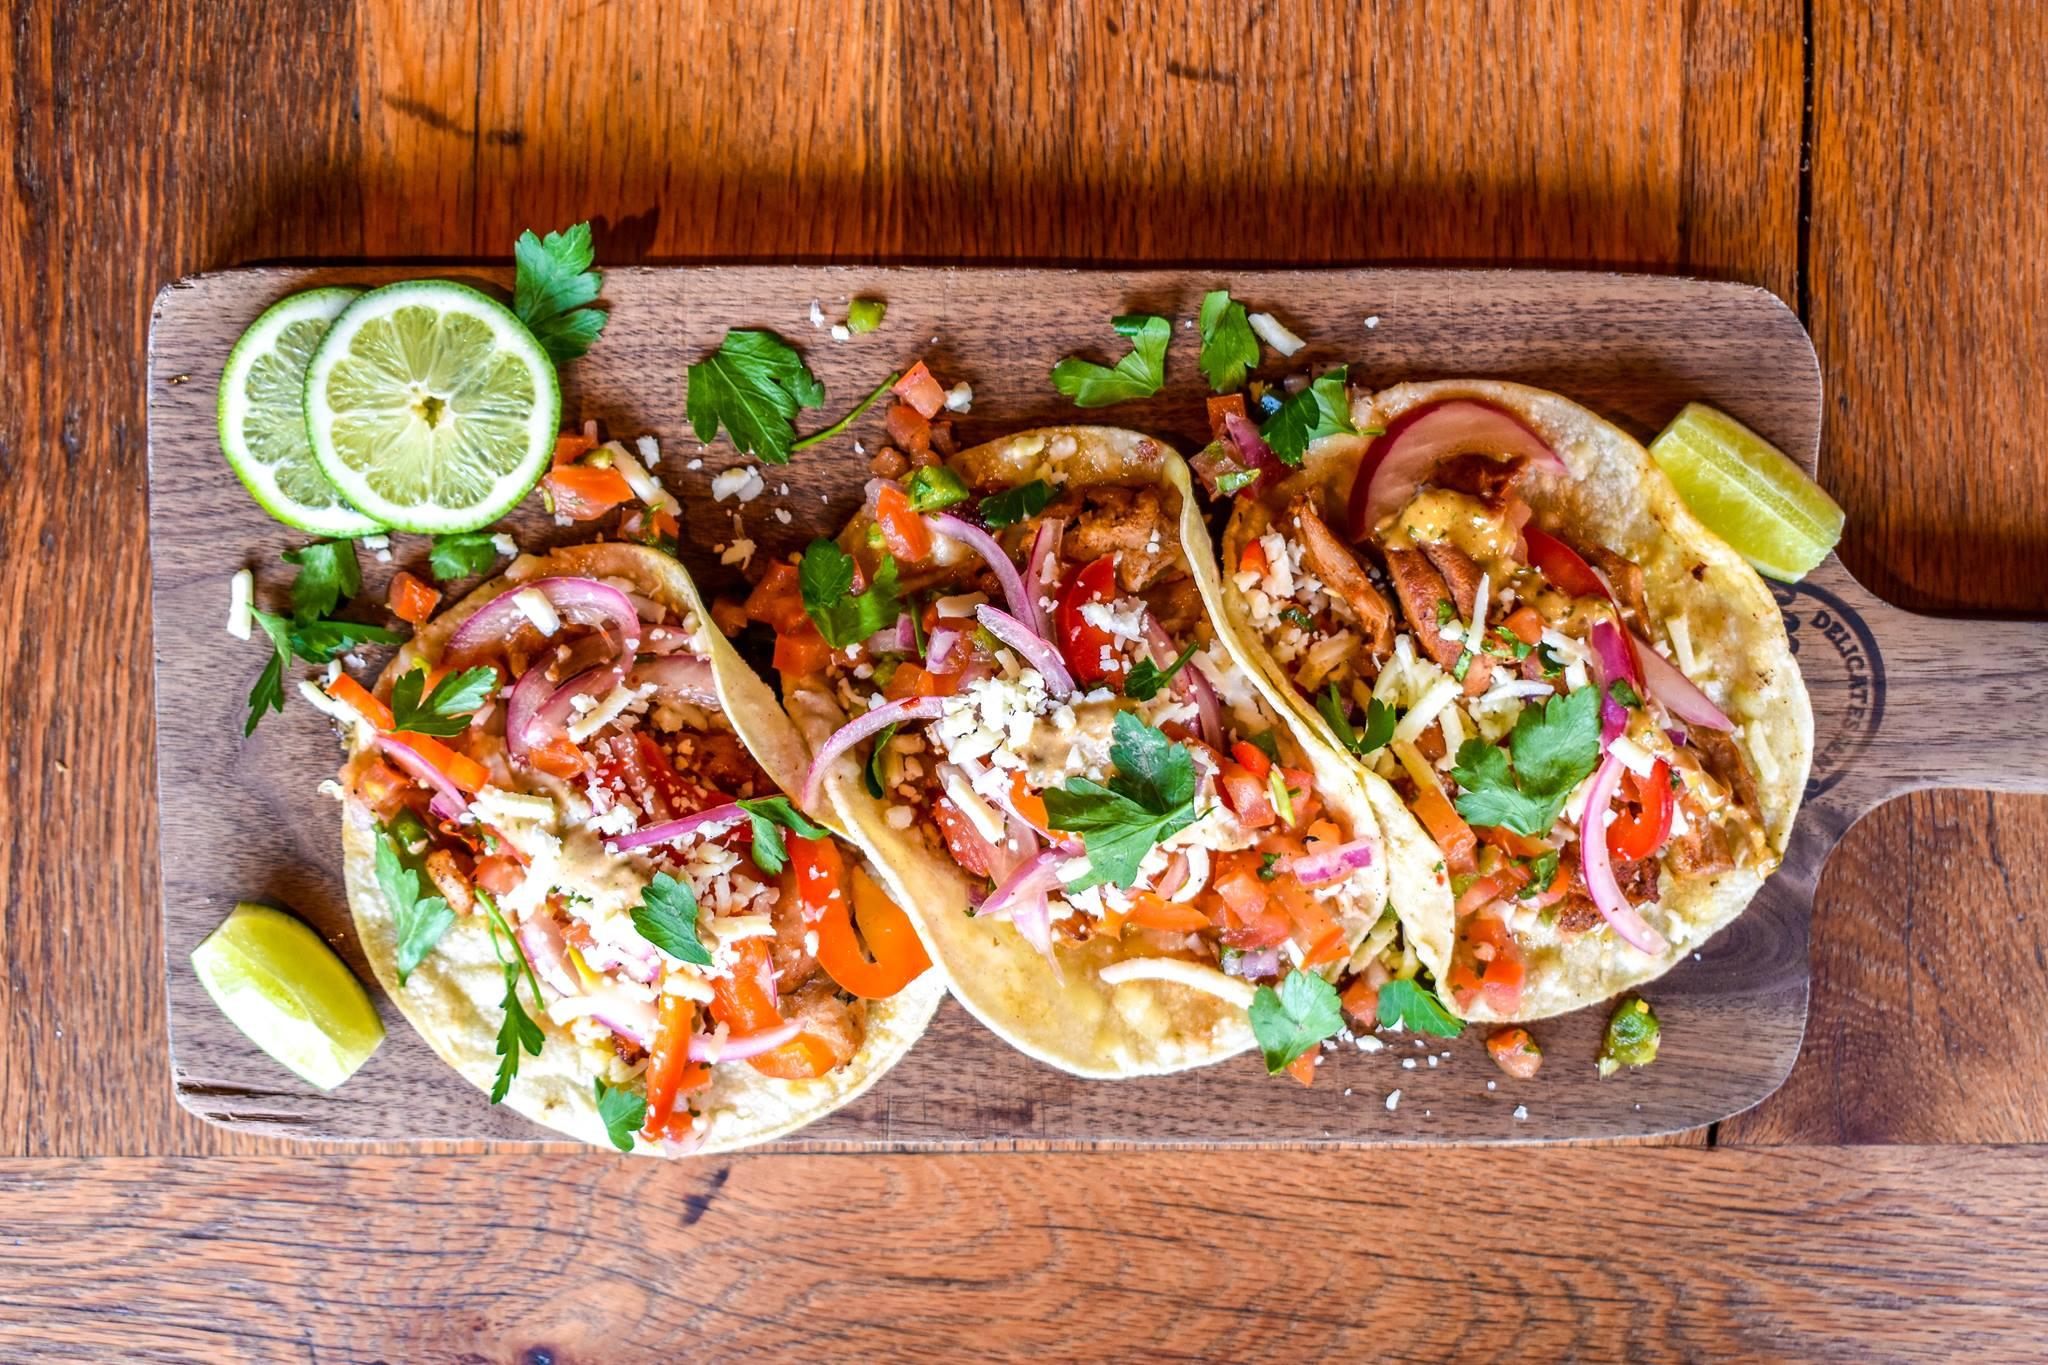 Tacos from El Rincón de Moody's